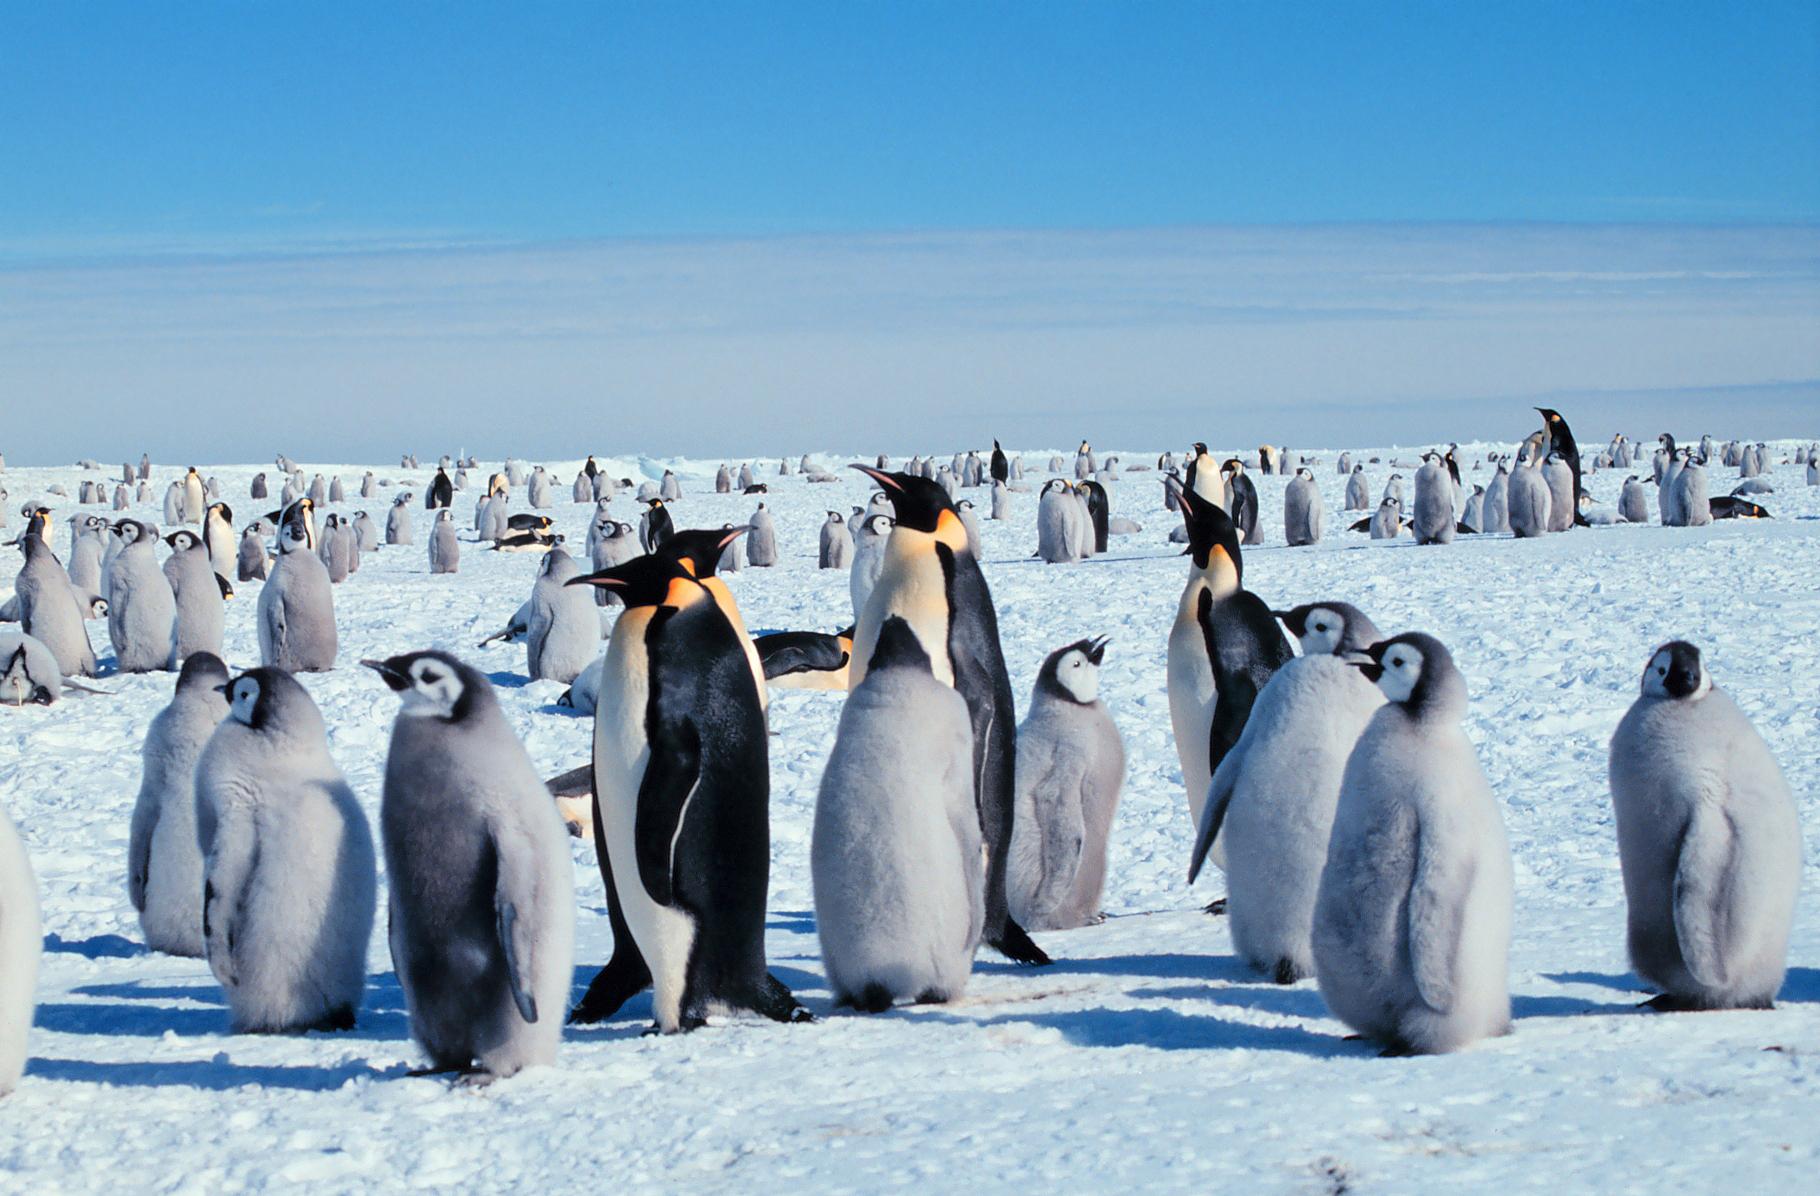 пингвины к какому классу относятся